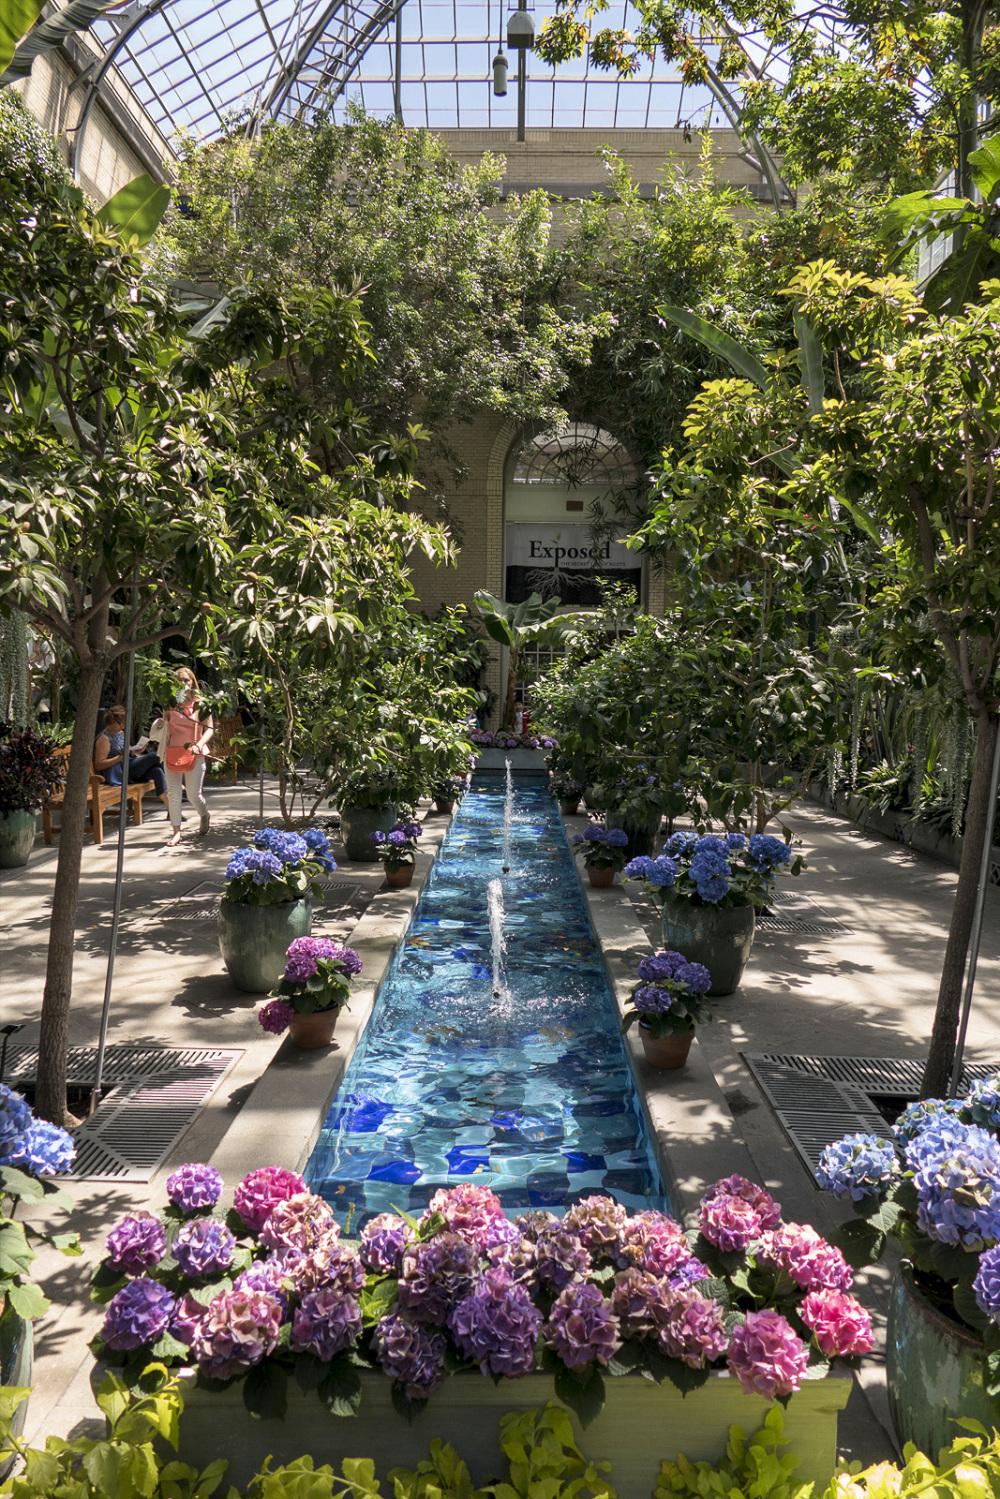 Botanic garden pool